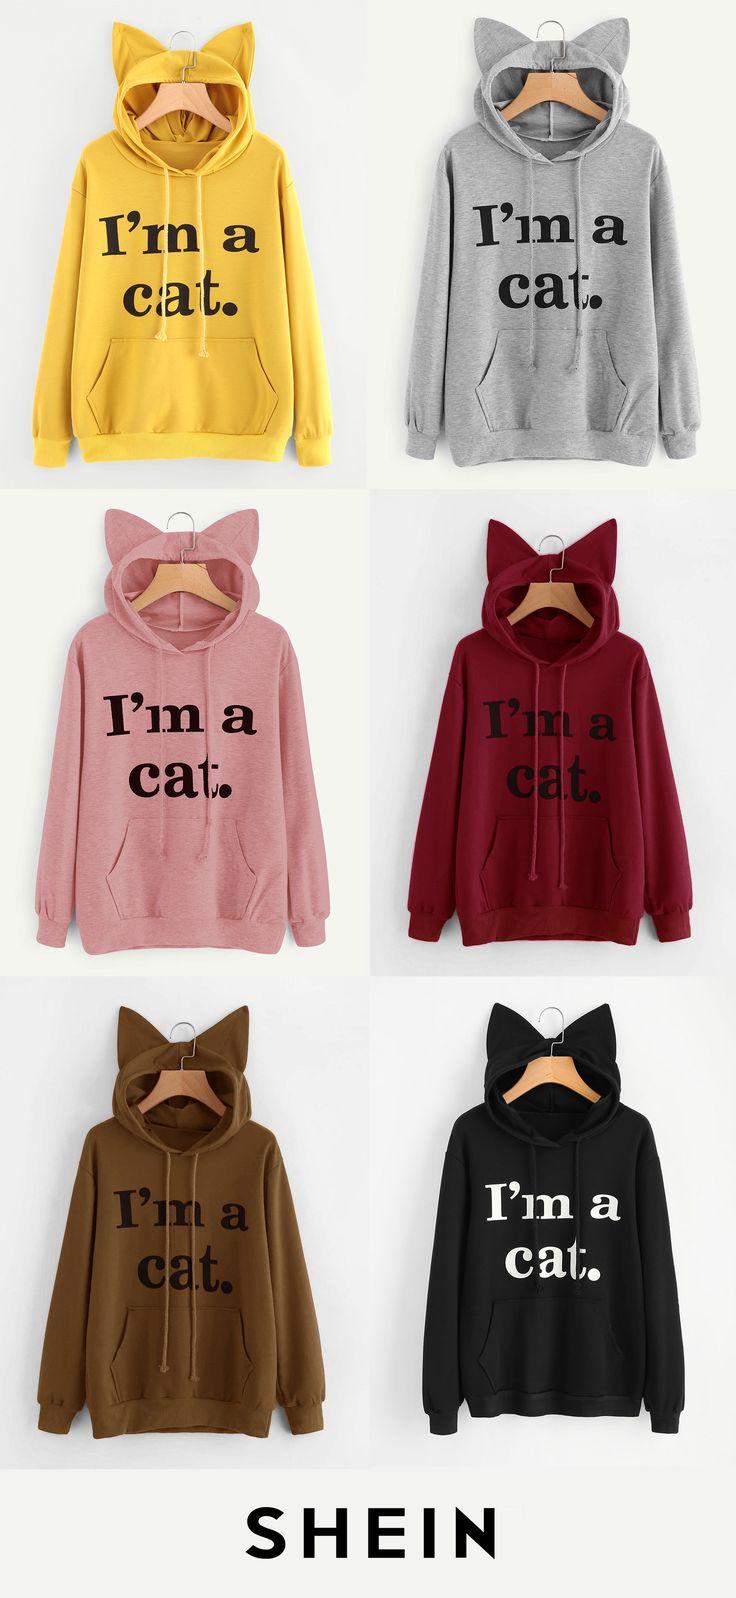 I'm a cat.